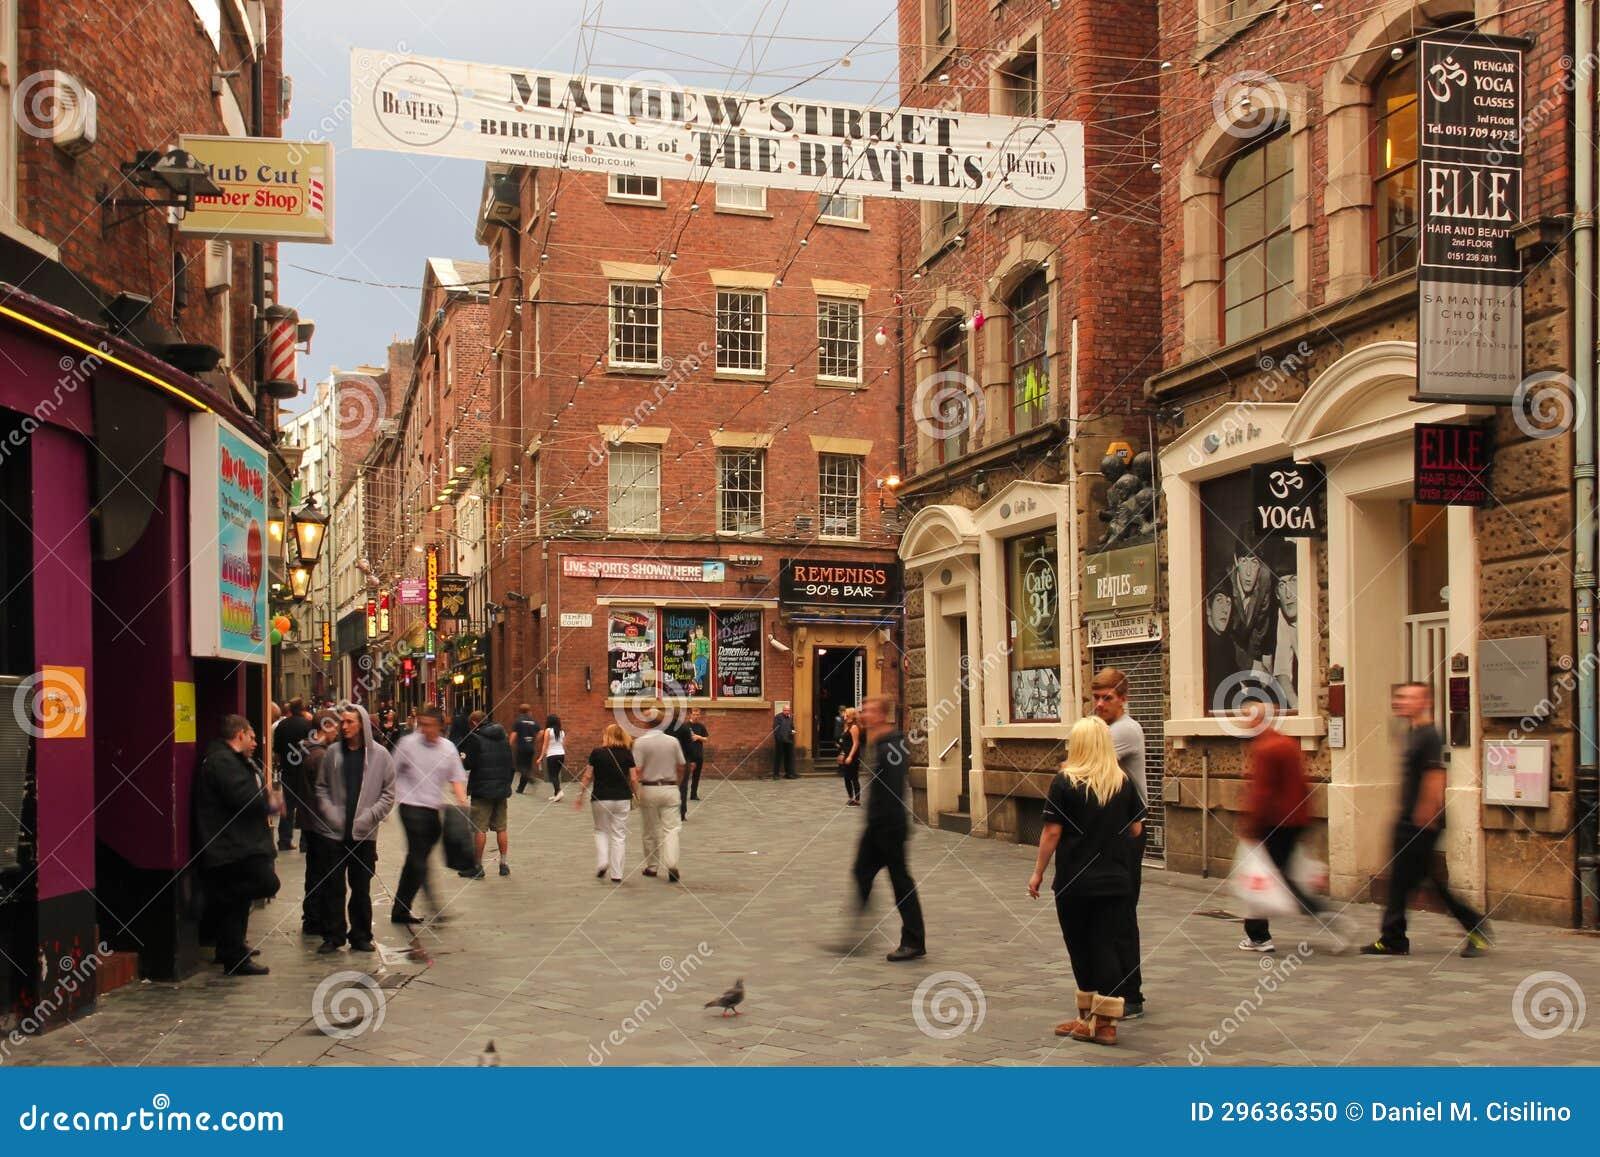 Calle De Mathew. Lugar De Nacimiento Del Beatles